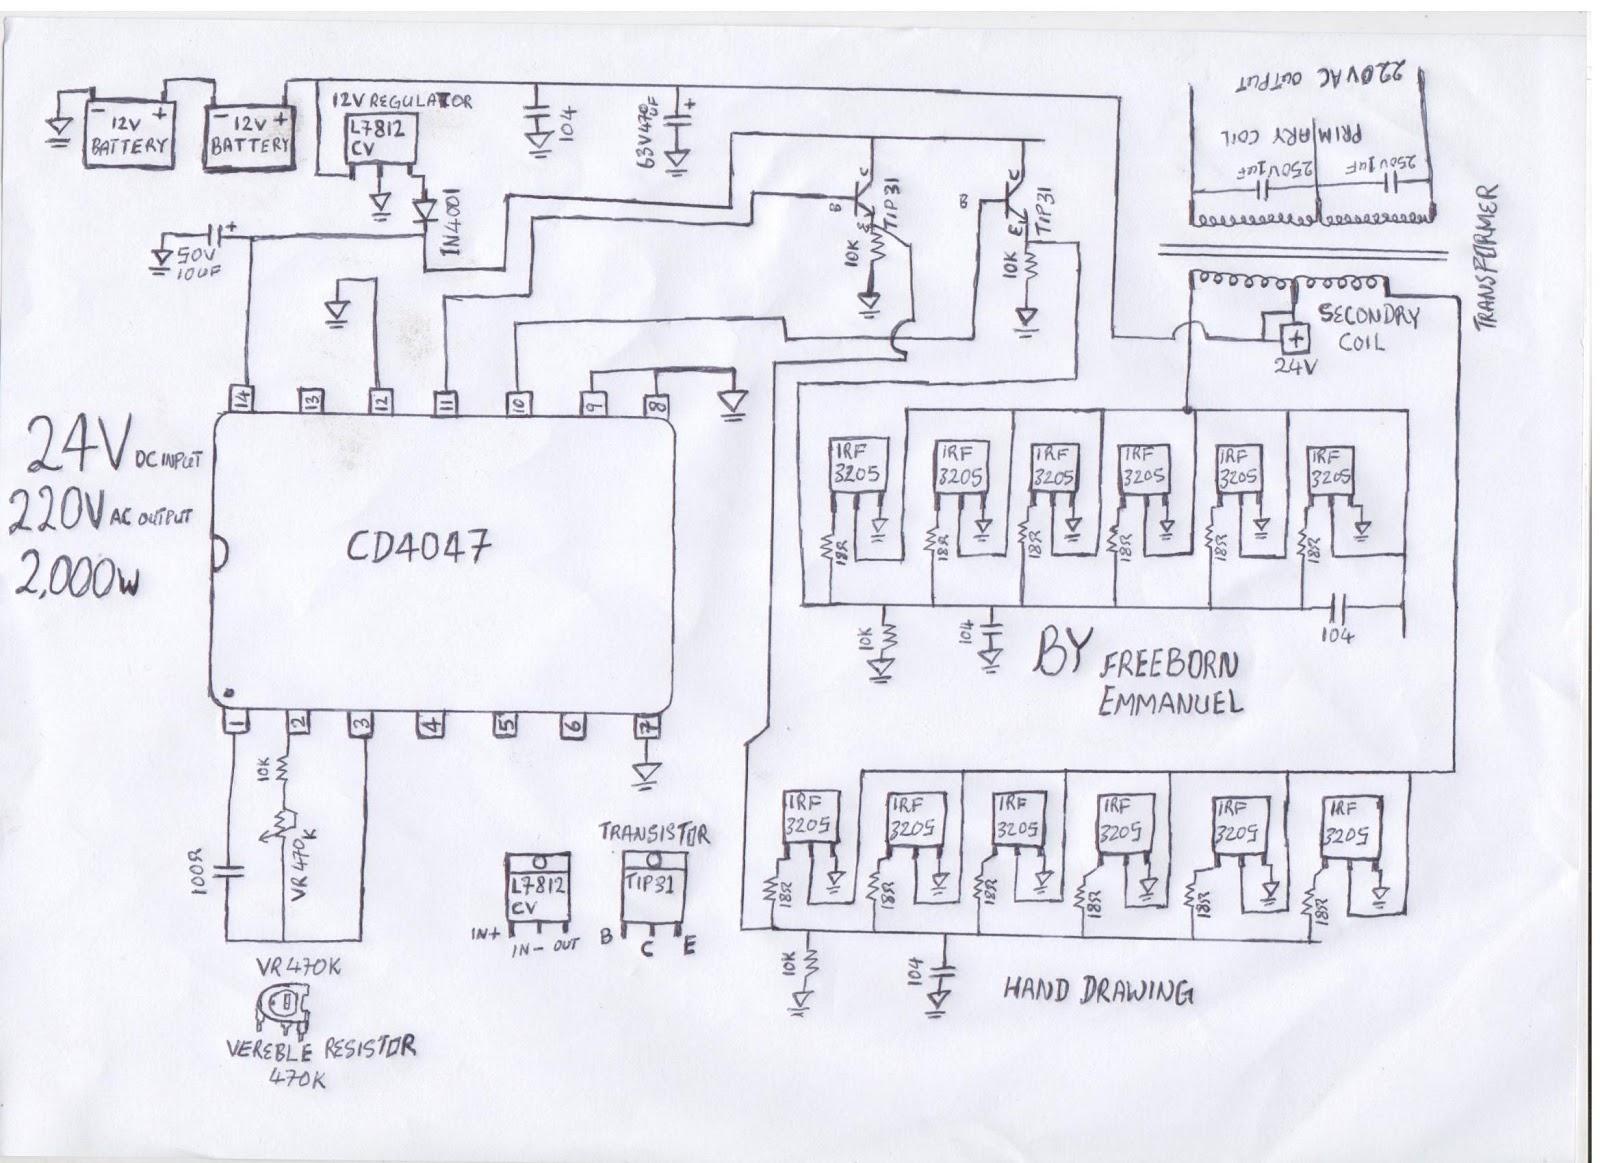 medium resolution of inverter circuit diagram 2000w